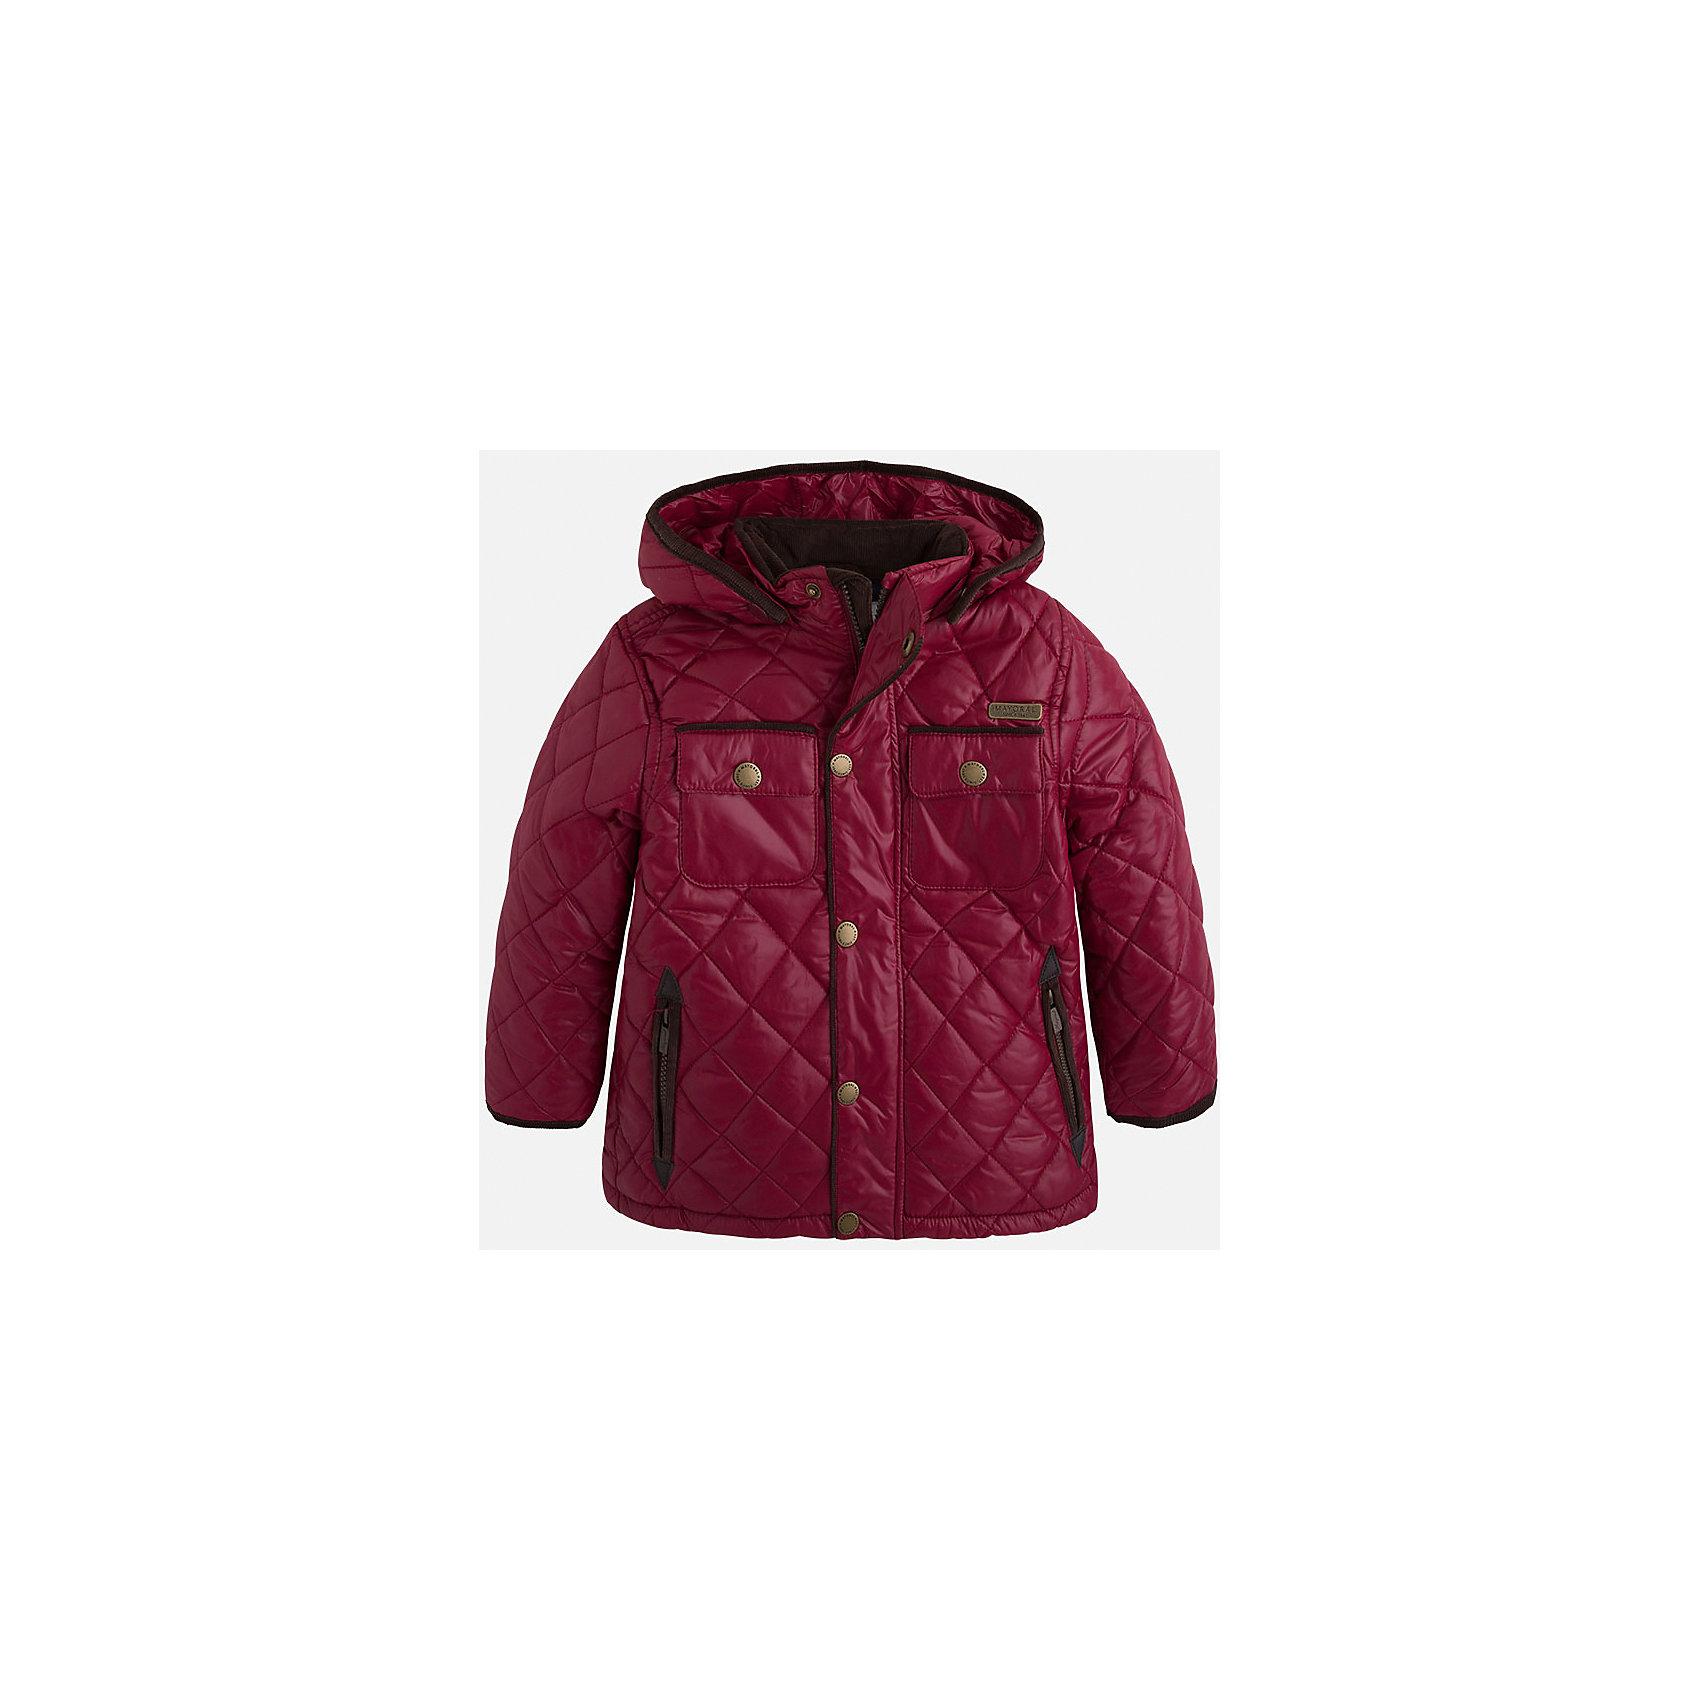 Куртка для мальчика MayoralСтильная, теплая осенняя куртка для юного джентльмена!<br>Порадуйте своего ребенка хорошим подарком!<br><br>Дополнительная информация:<br><br>- Крой: прямой крой, слегка расклешен к низу.<br>- Страна бренда: Испания.<br>- Состав: <br>Верхняя ткань: полиэстер 100%.<br>Подкладка: полиэстер 100%.<br>Наполнитель: полиэстер 100%.<br>- Цвет: бордовый.<br>- Уход: бережная стирка при 30 градусах.<br><br>Купить куртку для мальчика Mayoral можно в нашем магазине.<br><br>Ширина мм: 356<br>Глубина мм: 10<br>Высота мм: 245<br>Вес г: 519<br>Цвет: бордовый<br>Возраст от месяцев: 72<br>Возраст до месяцев: 84<br>Пол: Мужской<br>Возраст: Детский<br>Размер: 122,128,134,98,104,110,116<br>SKU: 4821921